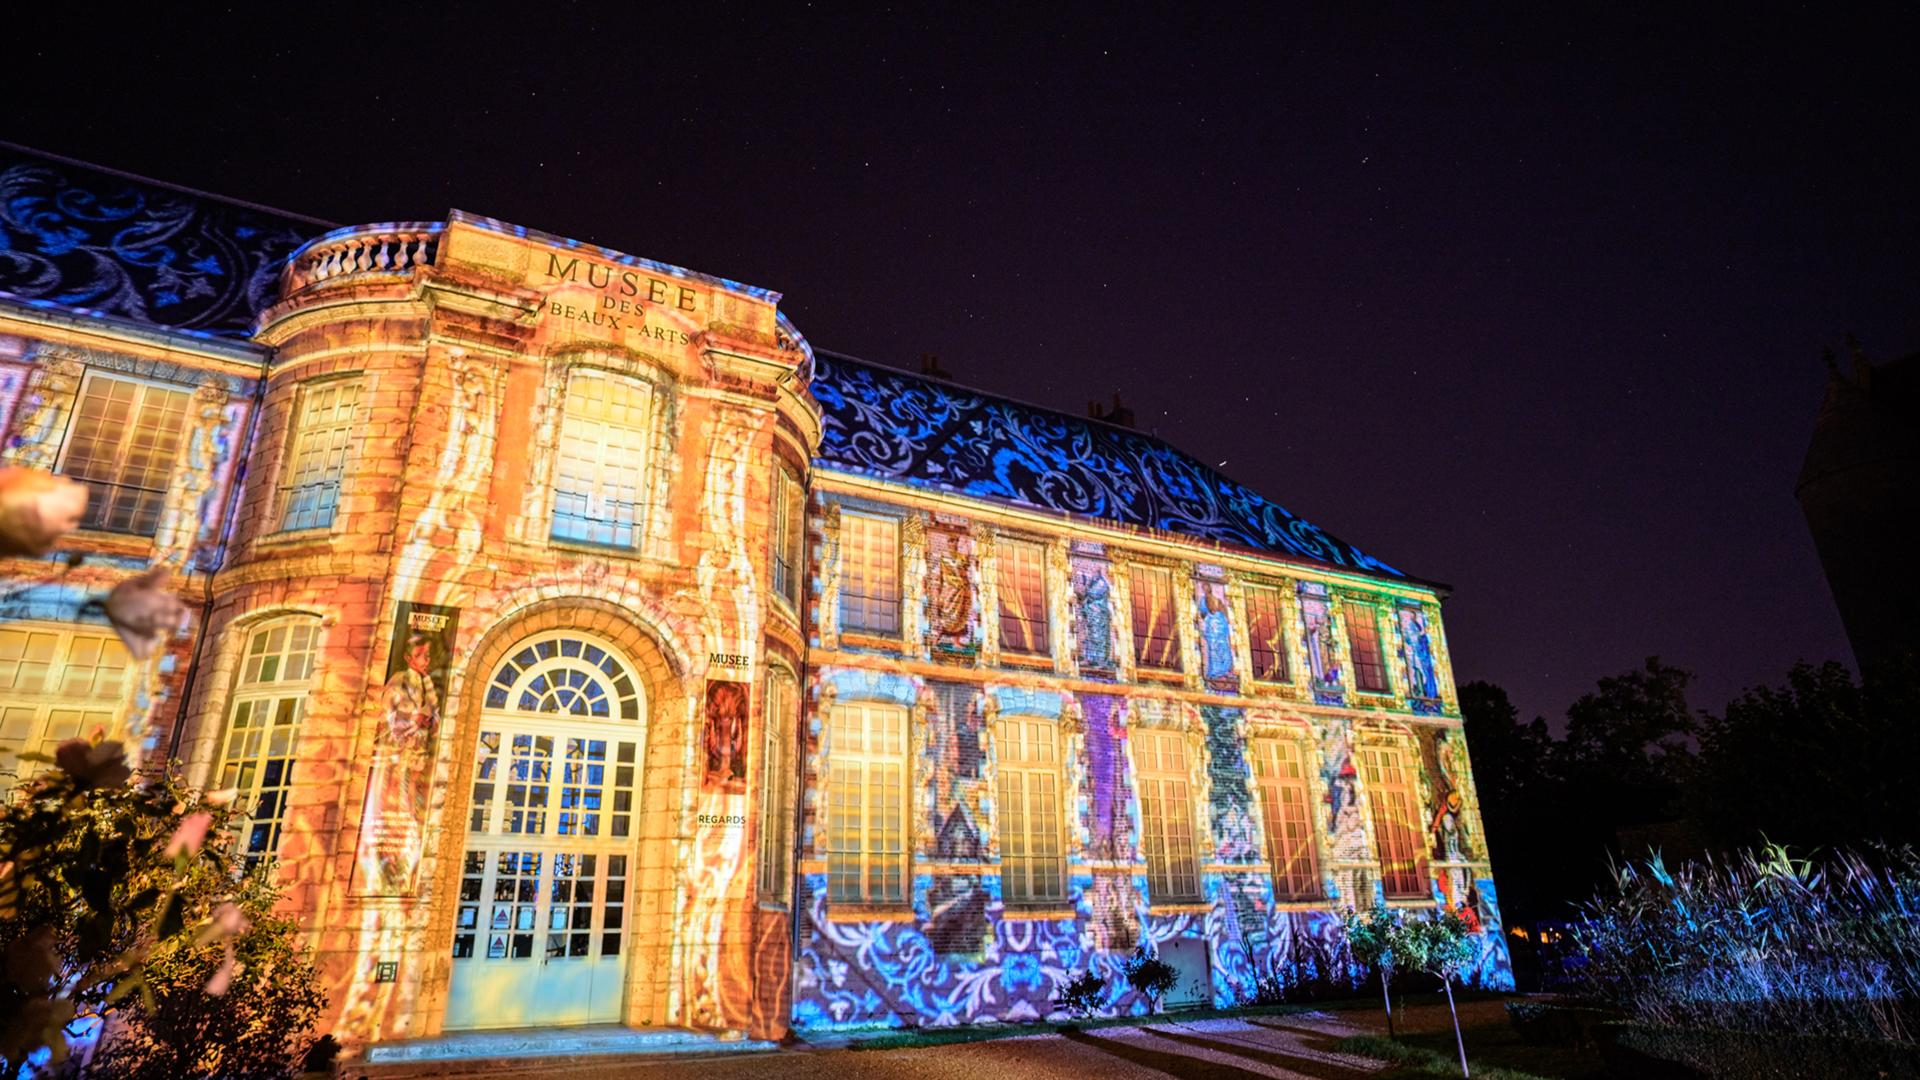 Vue de la façade du musée des beaux arts à Chartres en lumières